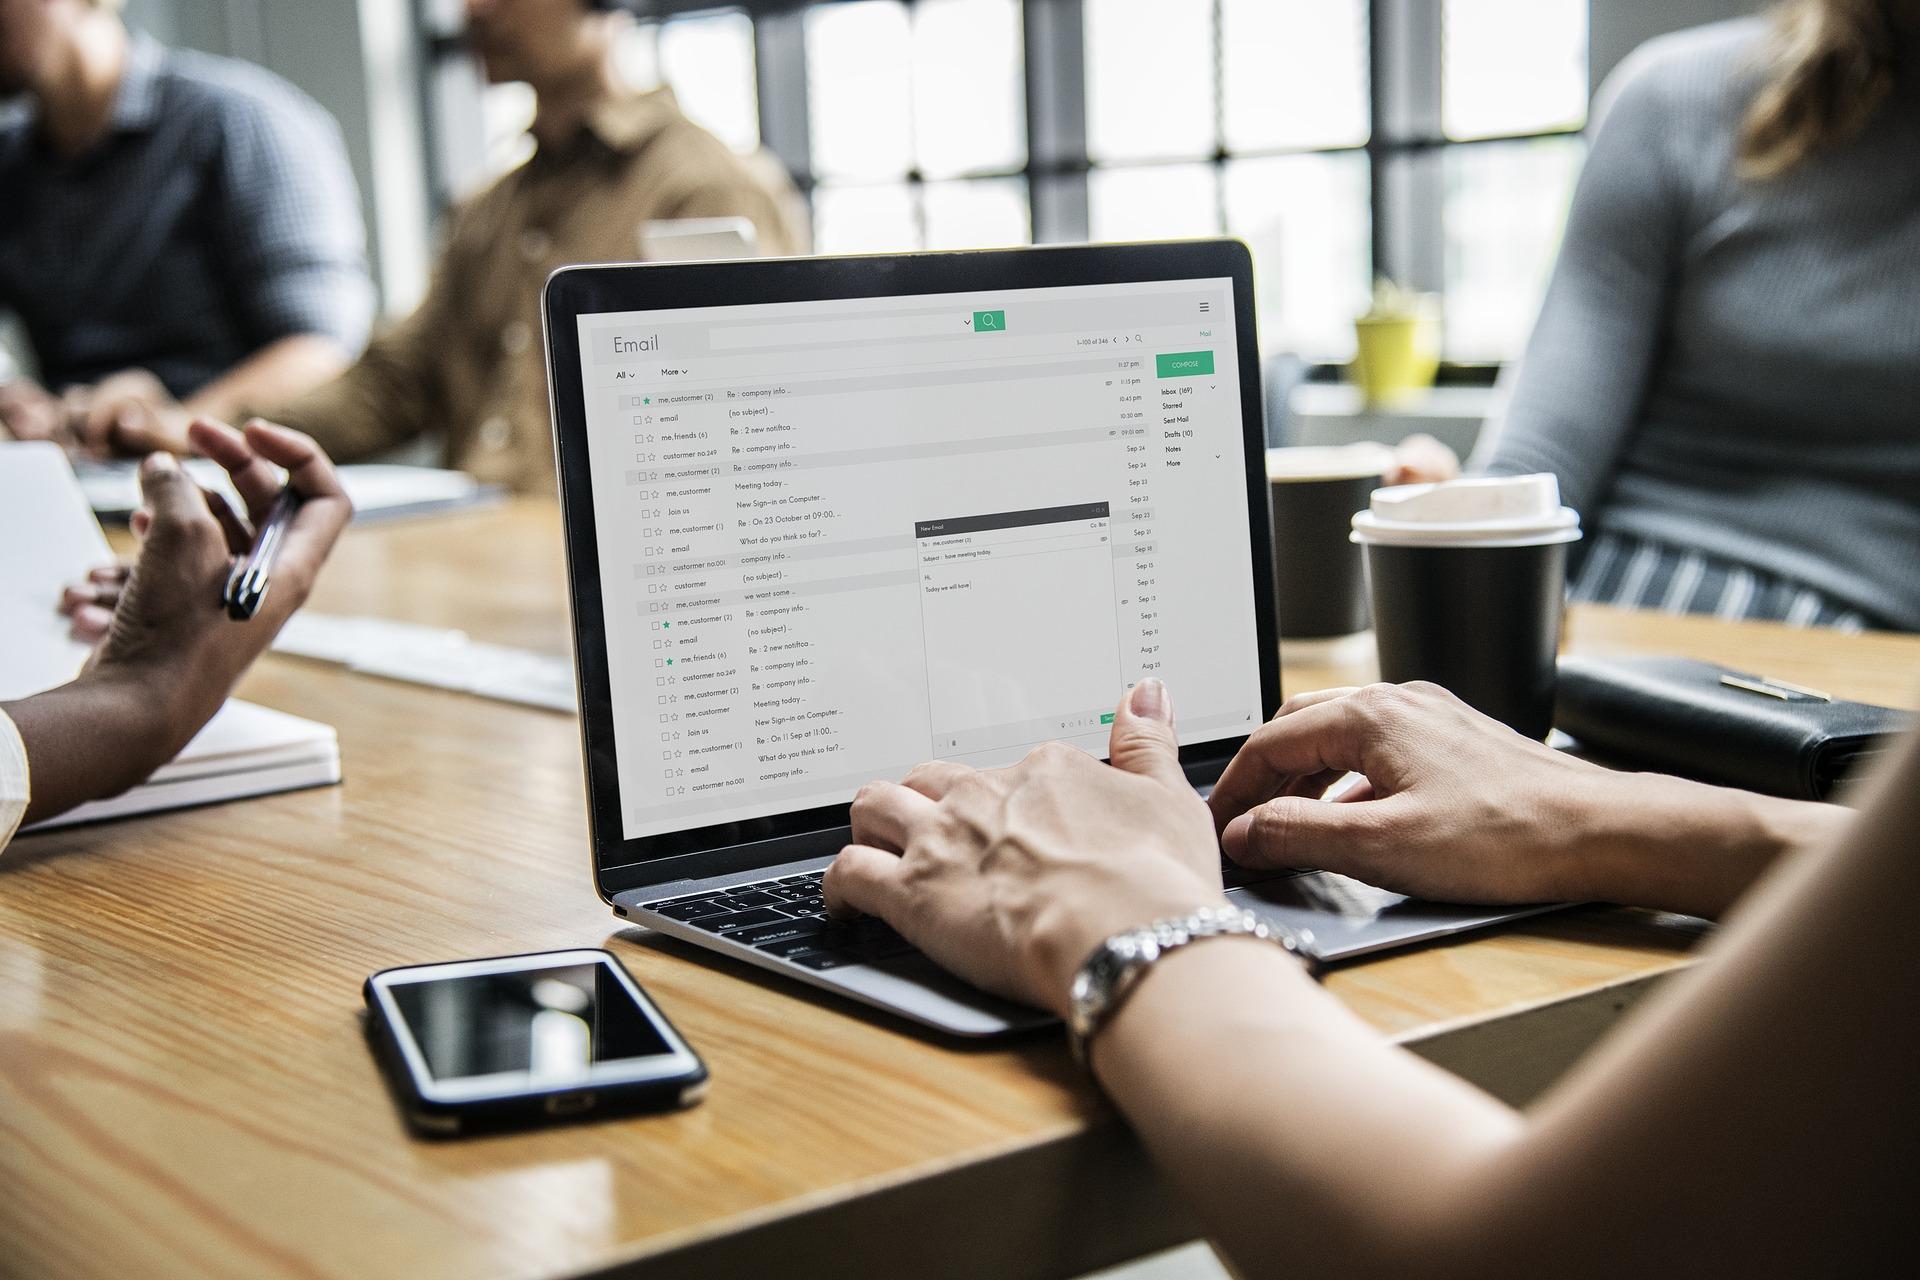 Violazione della privacy: È possibile registrare le conversazioni dei dipendenti